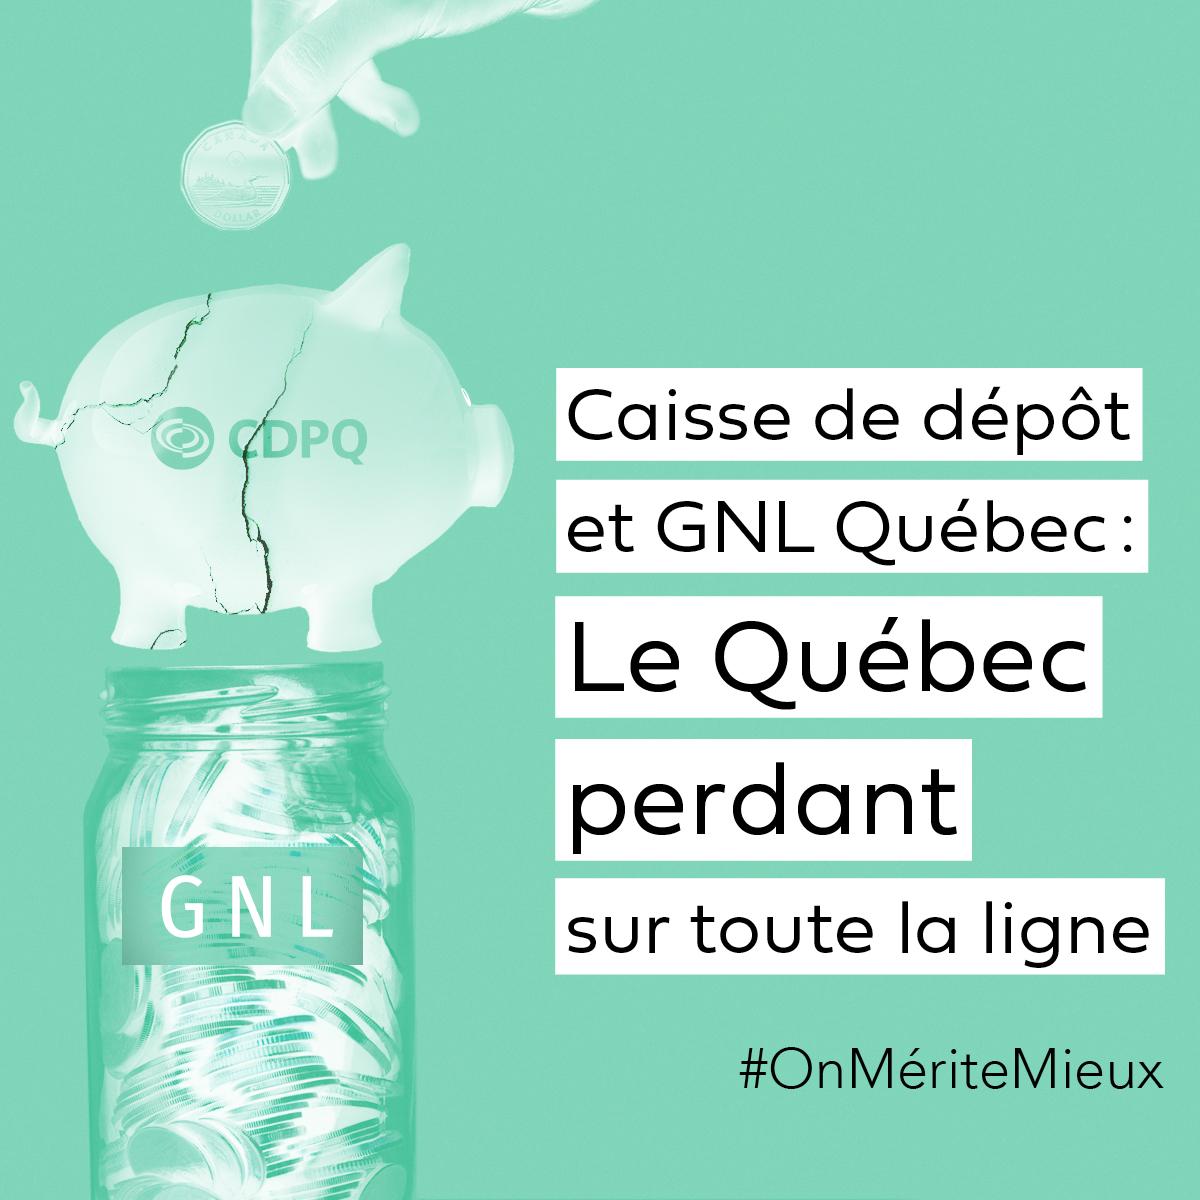 Communiqué - La Caisse de dépôt et placement du Québec doit se retirer de tout projet éventuellement lié à GNL/Gazoduq